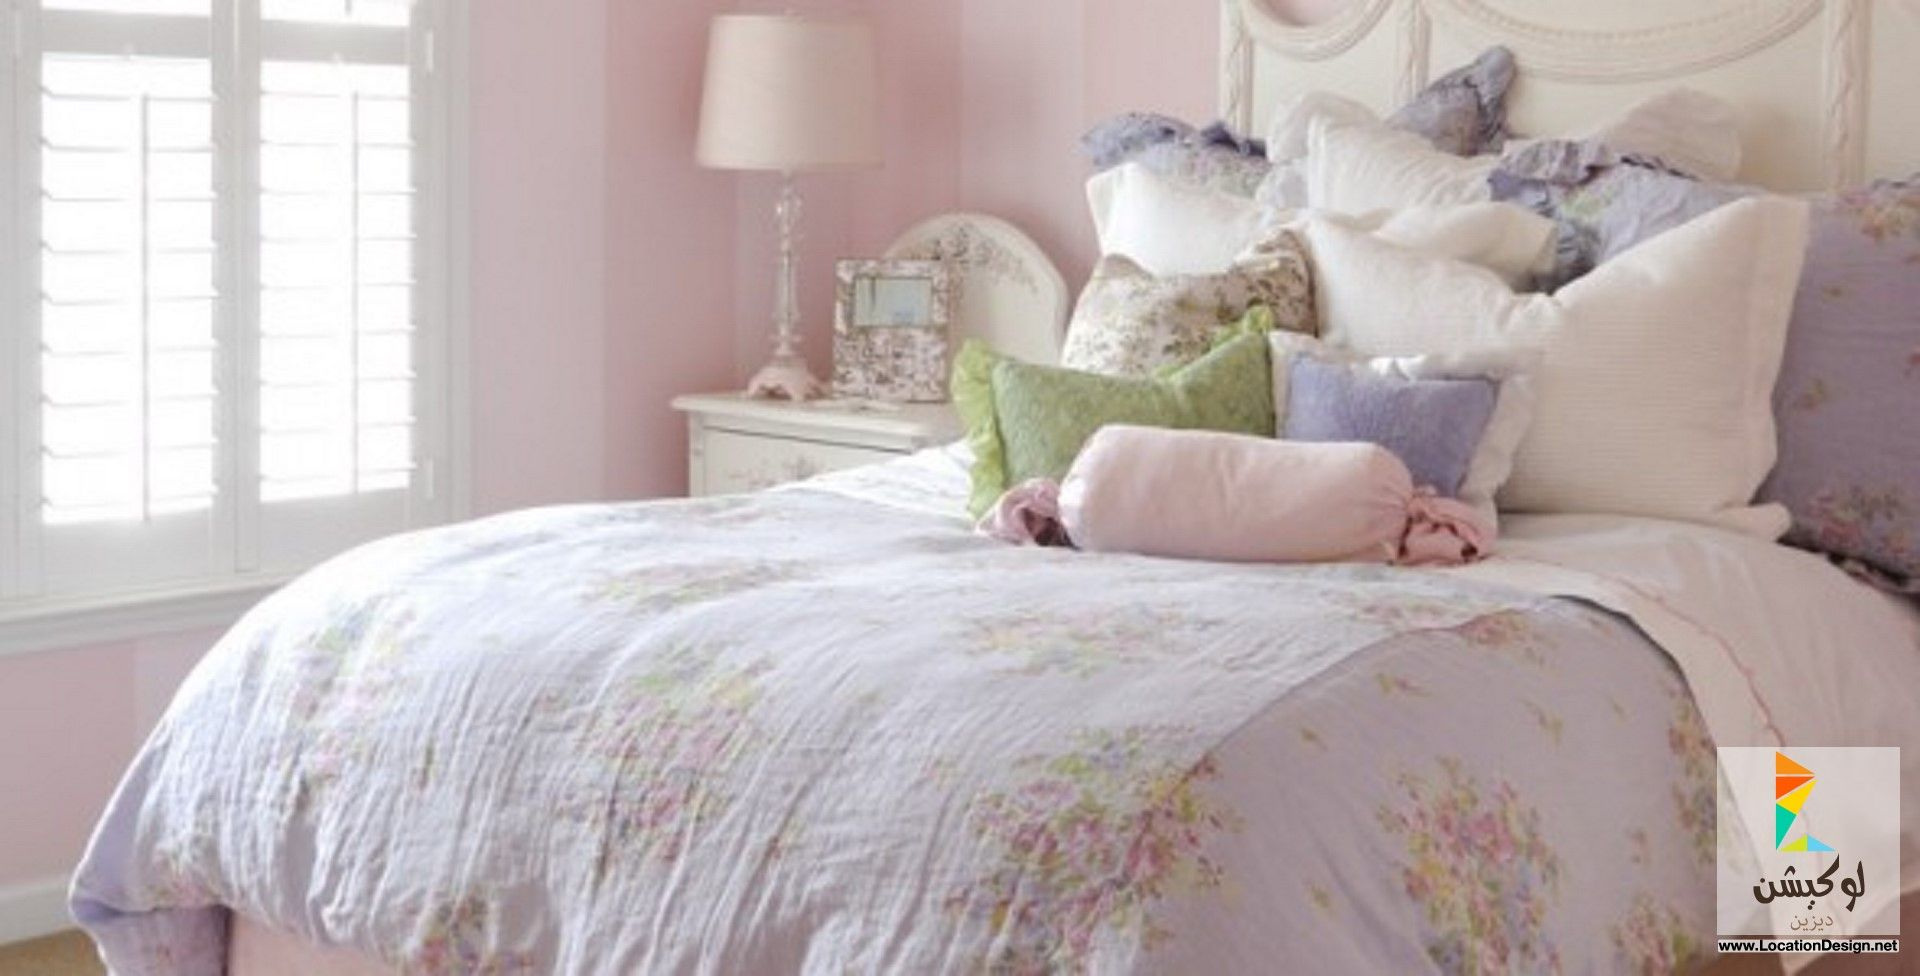 أجمل ديكورات غرف بنات مودرن لوكيشن ديزاين تصميمات ديكورات أفكار جديدة مصر Shabby Chic Bedrooms Bedroom Vintage Chic Bedroom